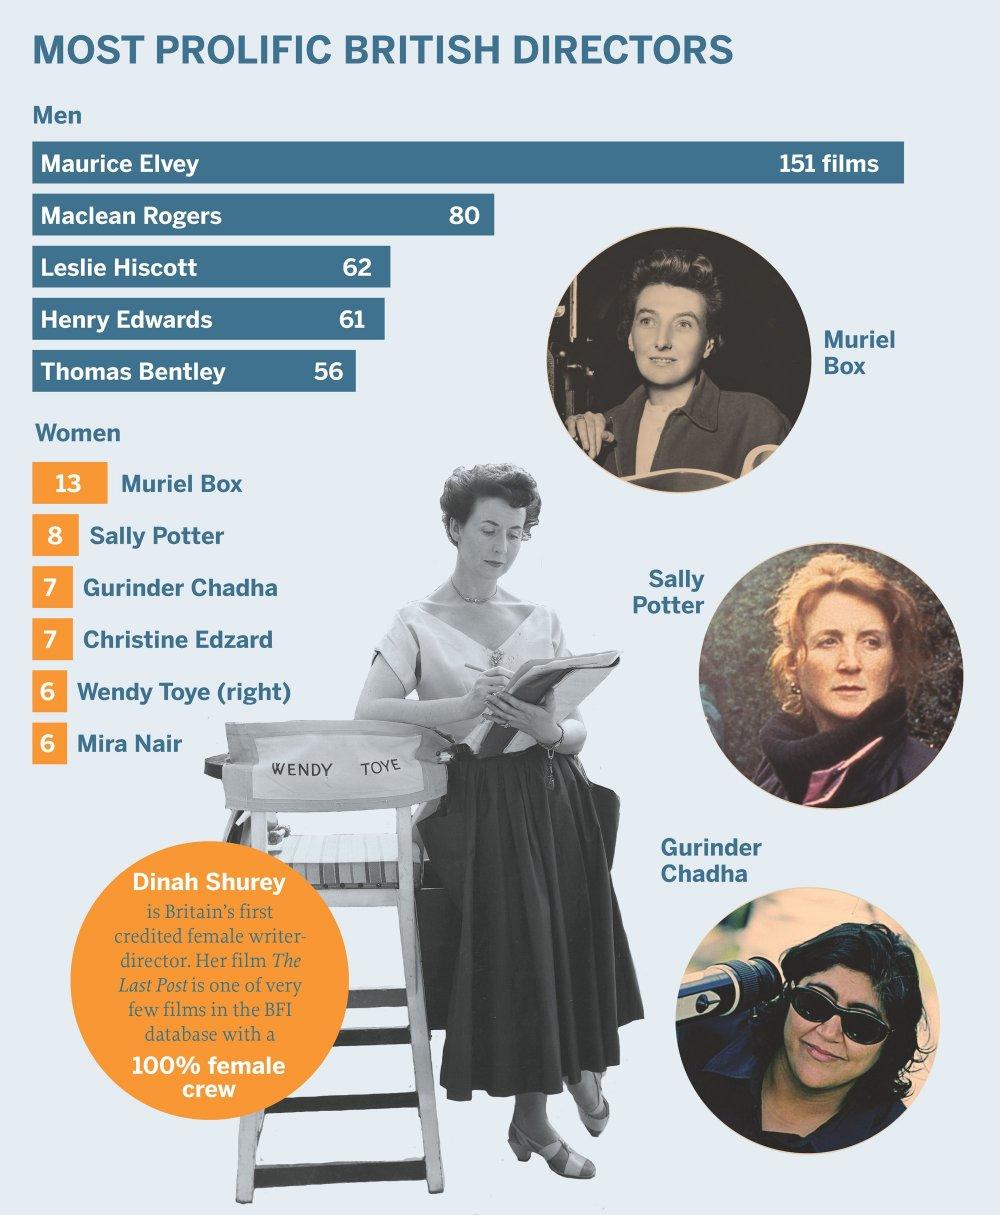 Most prolific British directors, male and female